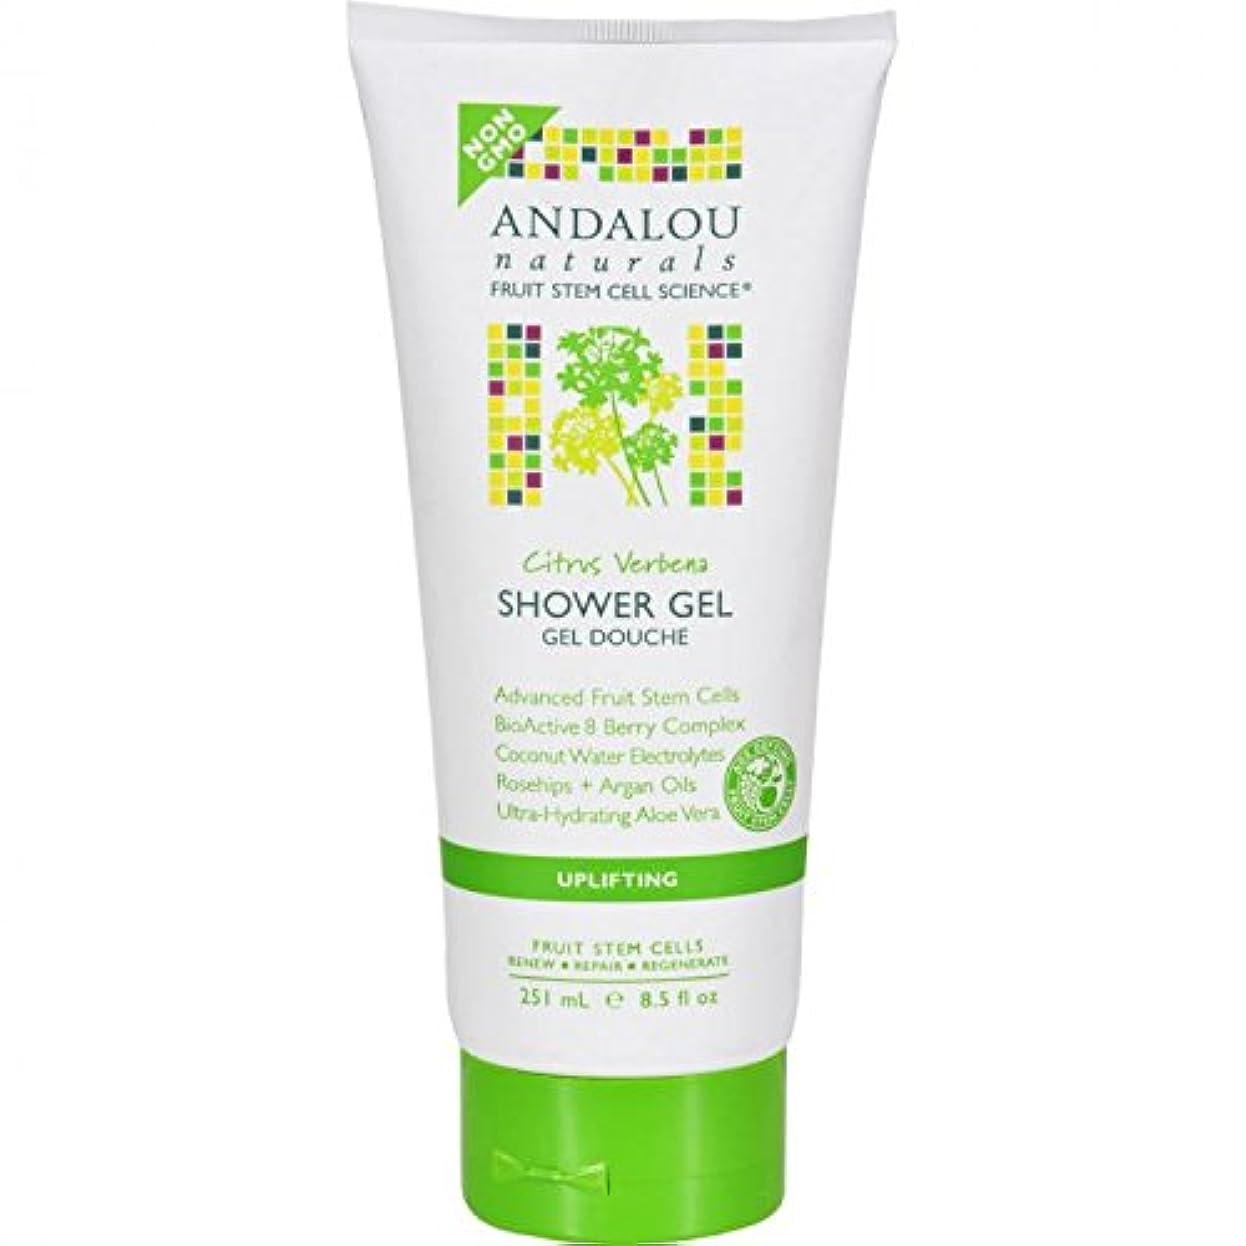 マトンプレフィックス織機Shower Gel - Citrus Verbena Uplifting - 8.5 fl oz by Andalou Naturals